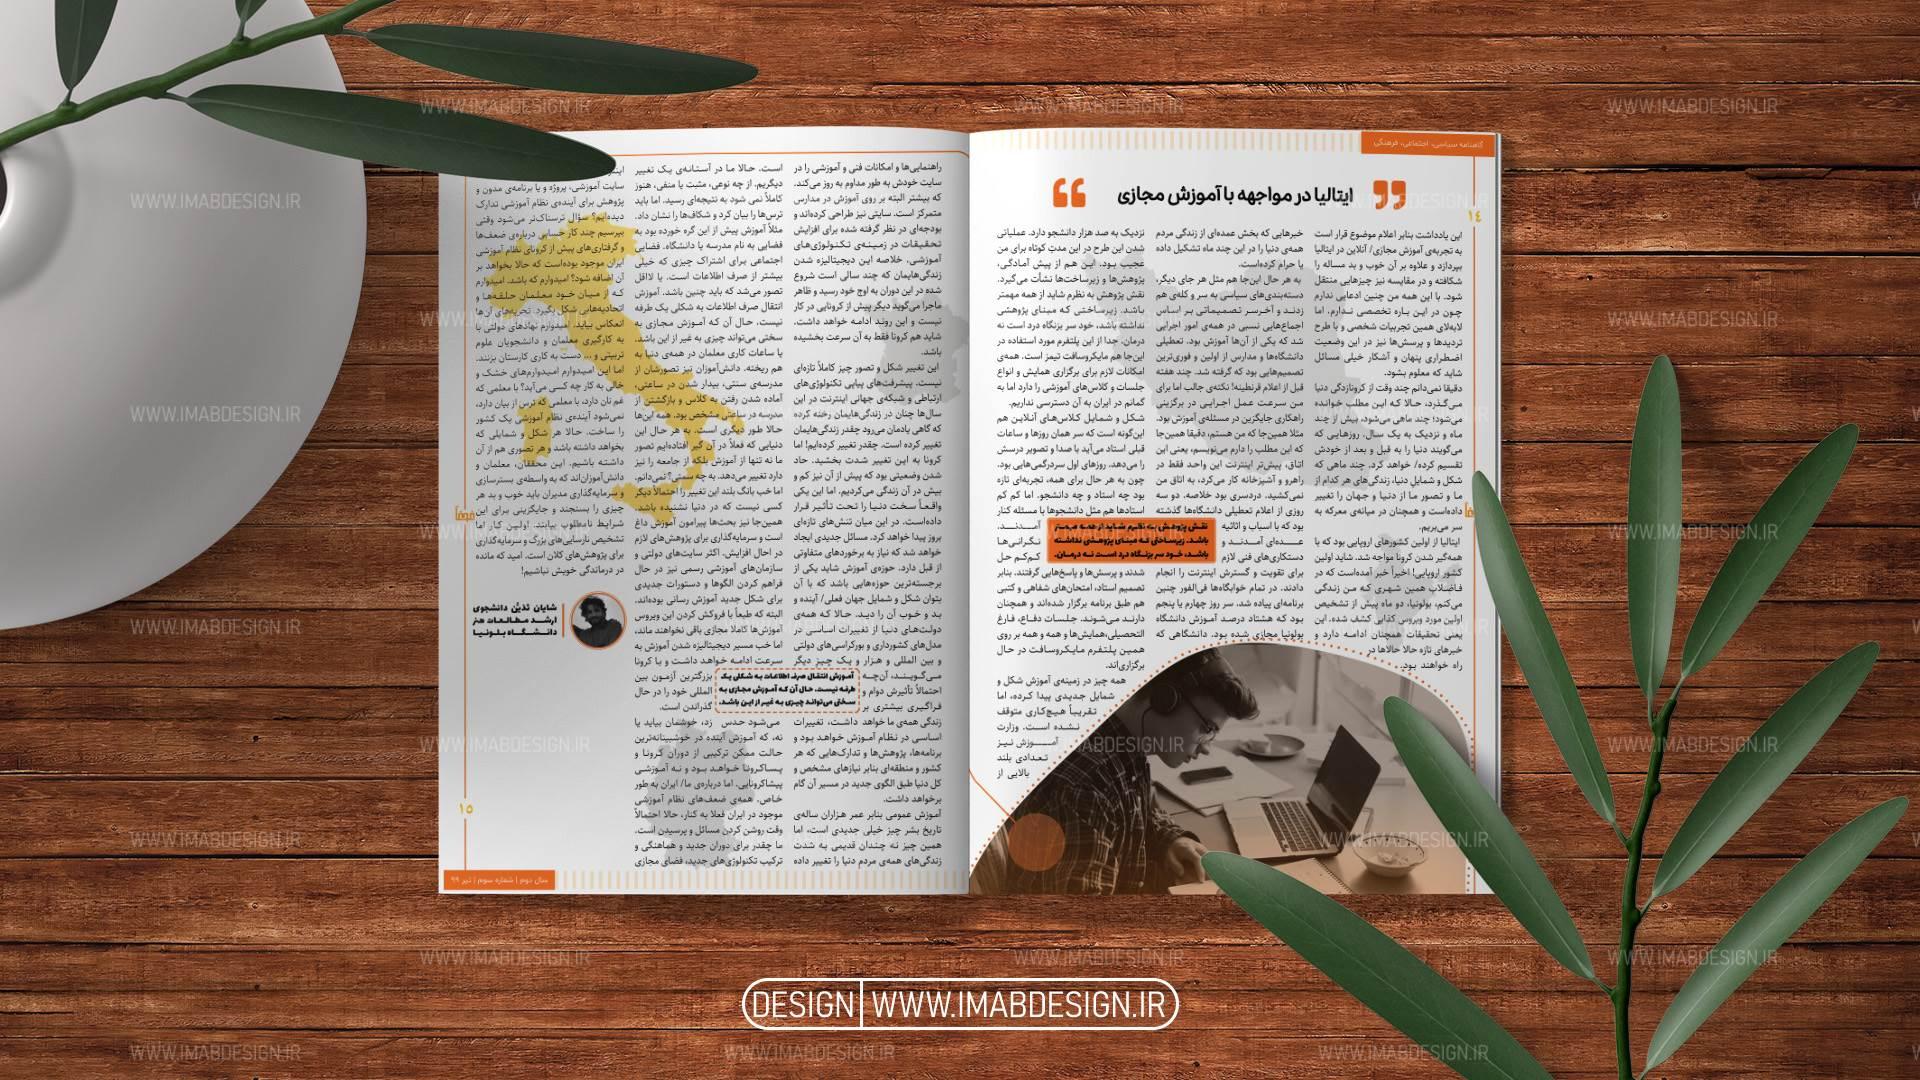 صفحه آرایی نشریه ی حرفه ای